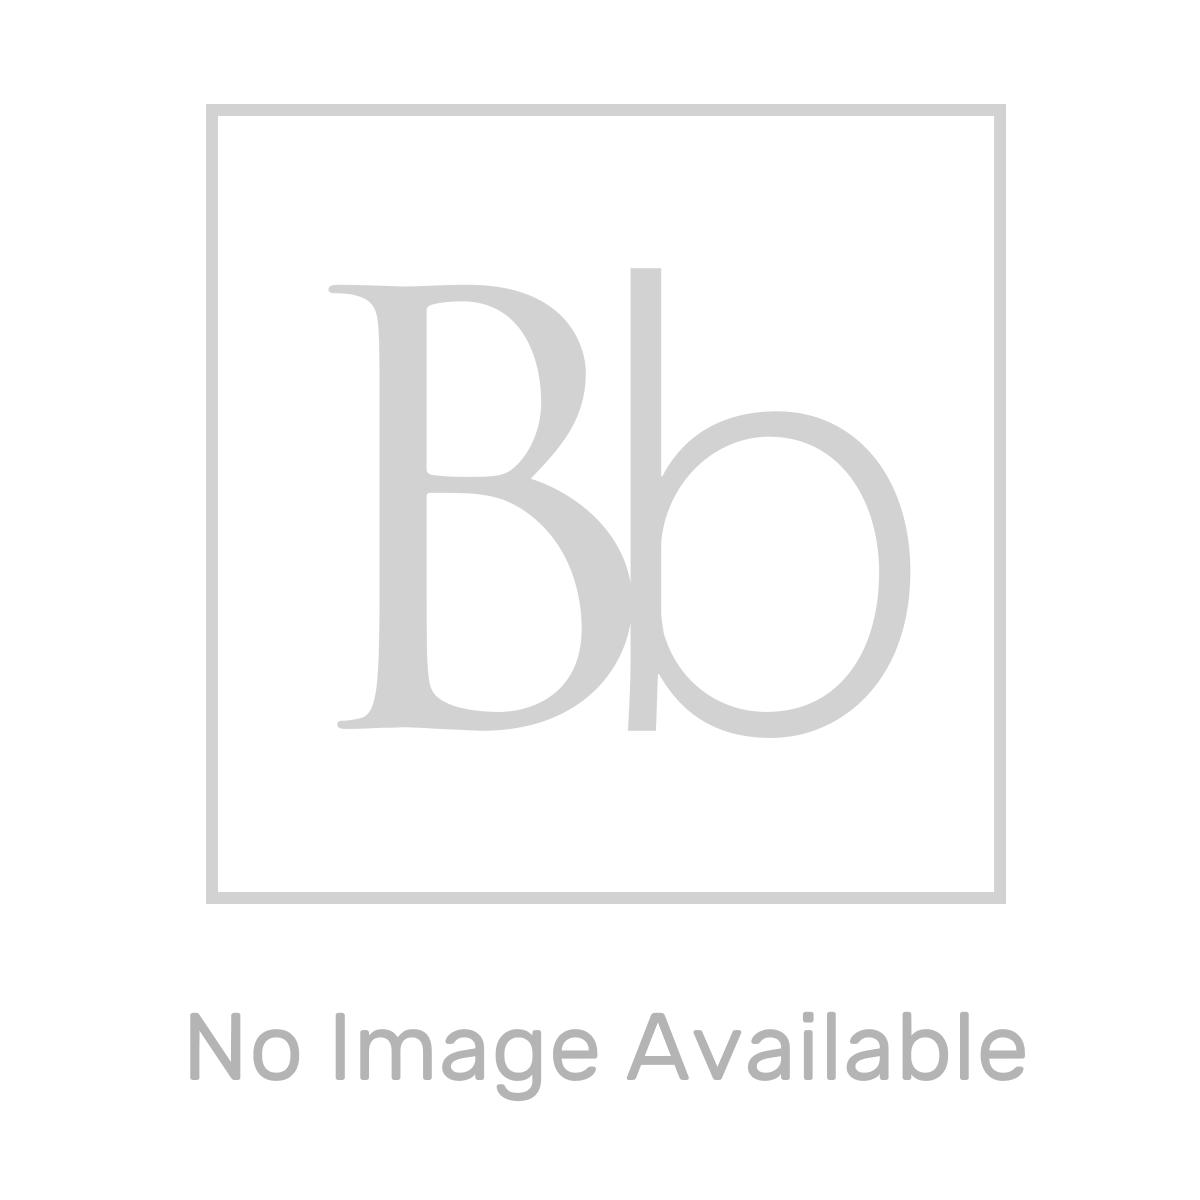 Nuie Athena Driftwood 2 Door Floor Standing Vanity Unit with 18mm Profile Basin 500mm